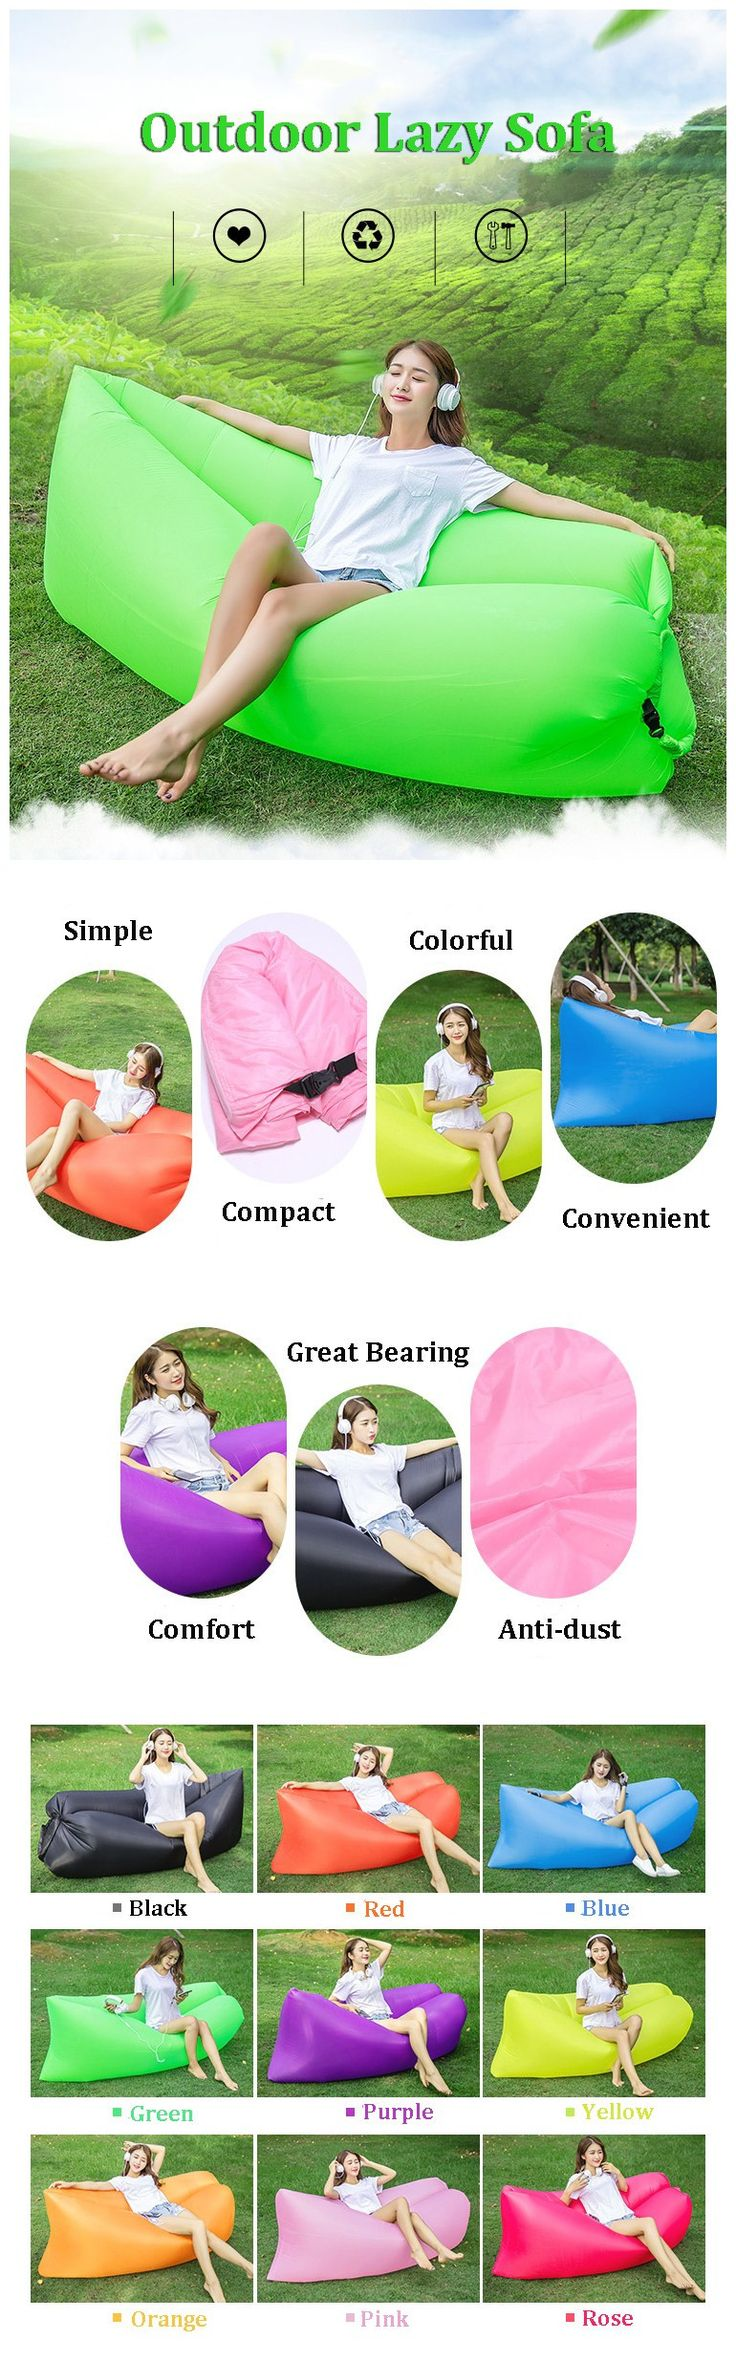 die besten 25 sitzsack outdoor ideen auf pinterest sitzkissen outdoor sitzkissen gartenm bel. Black Bedroom Furniture Sets. Home Design Ideas